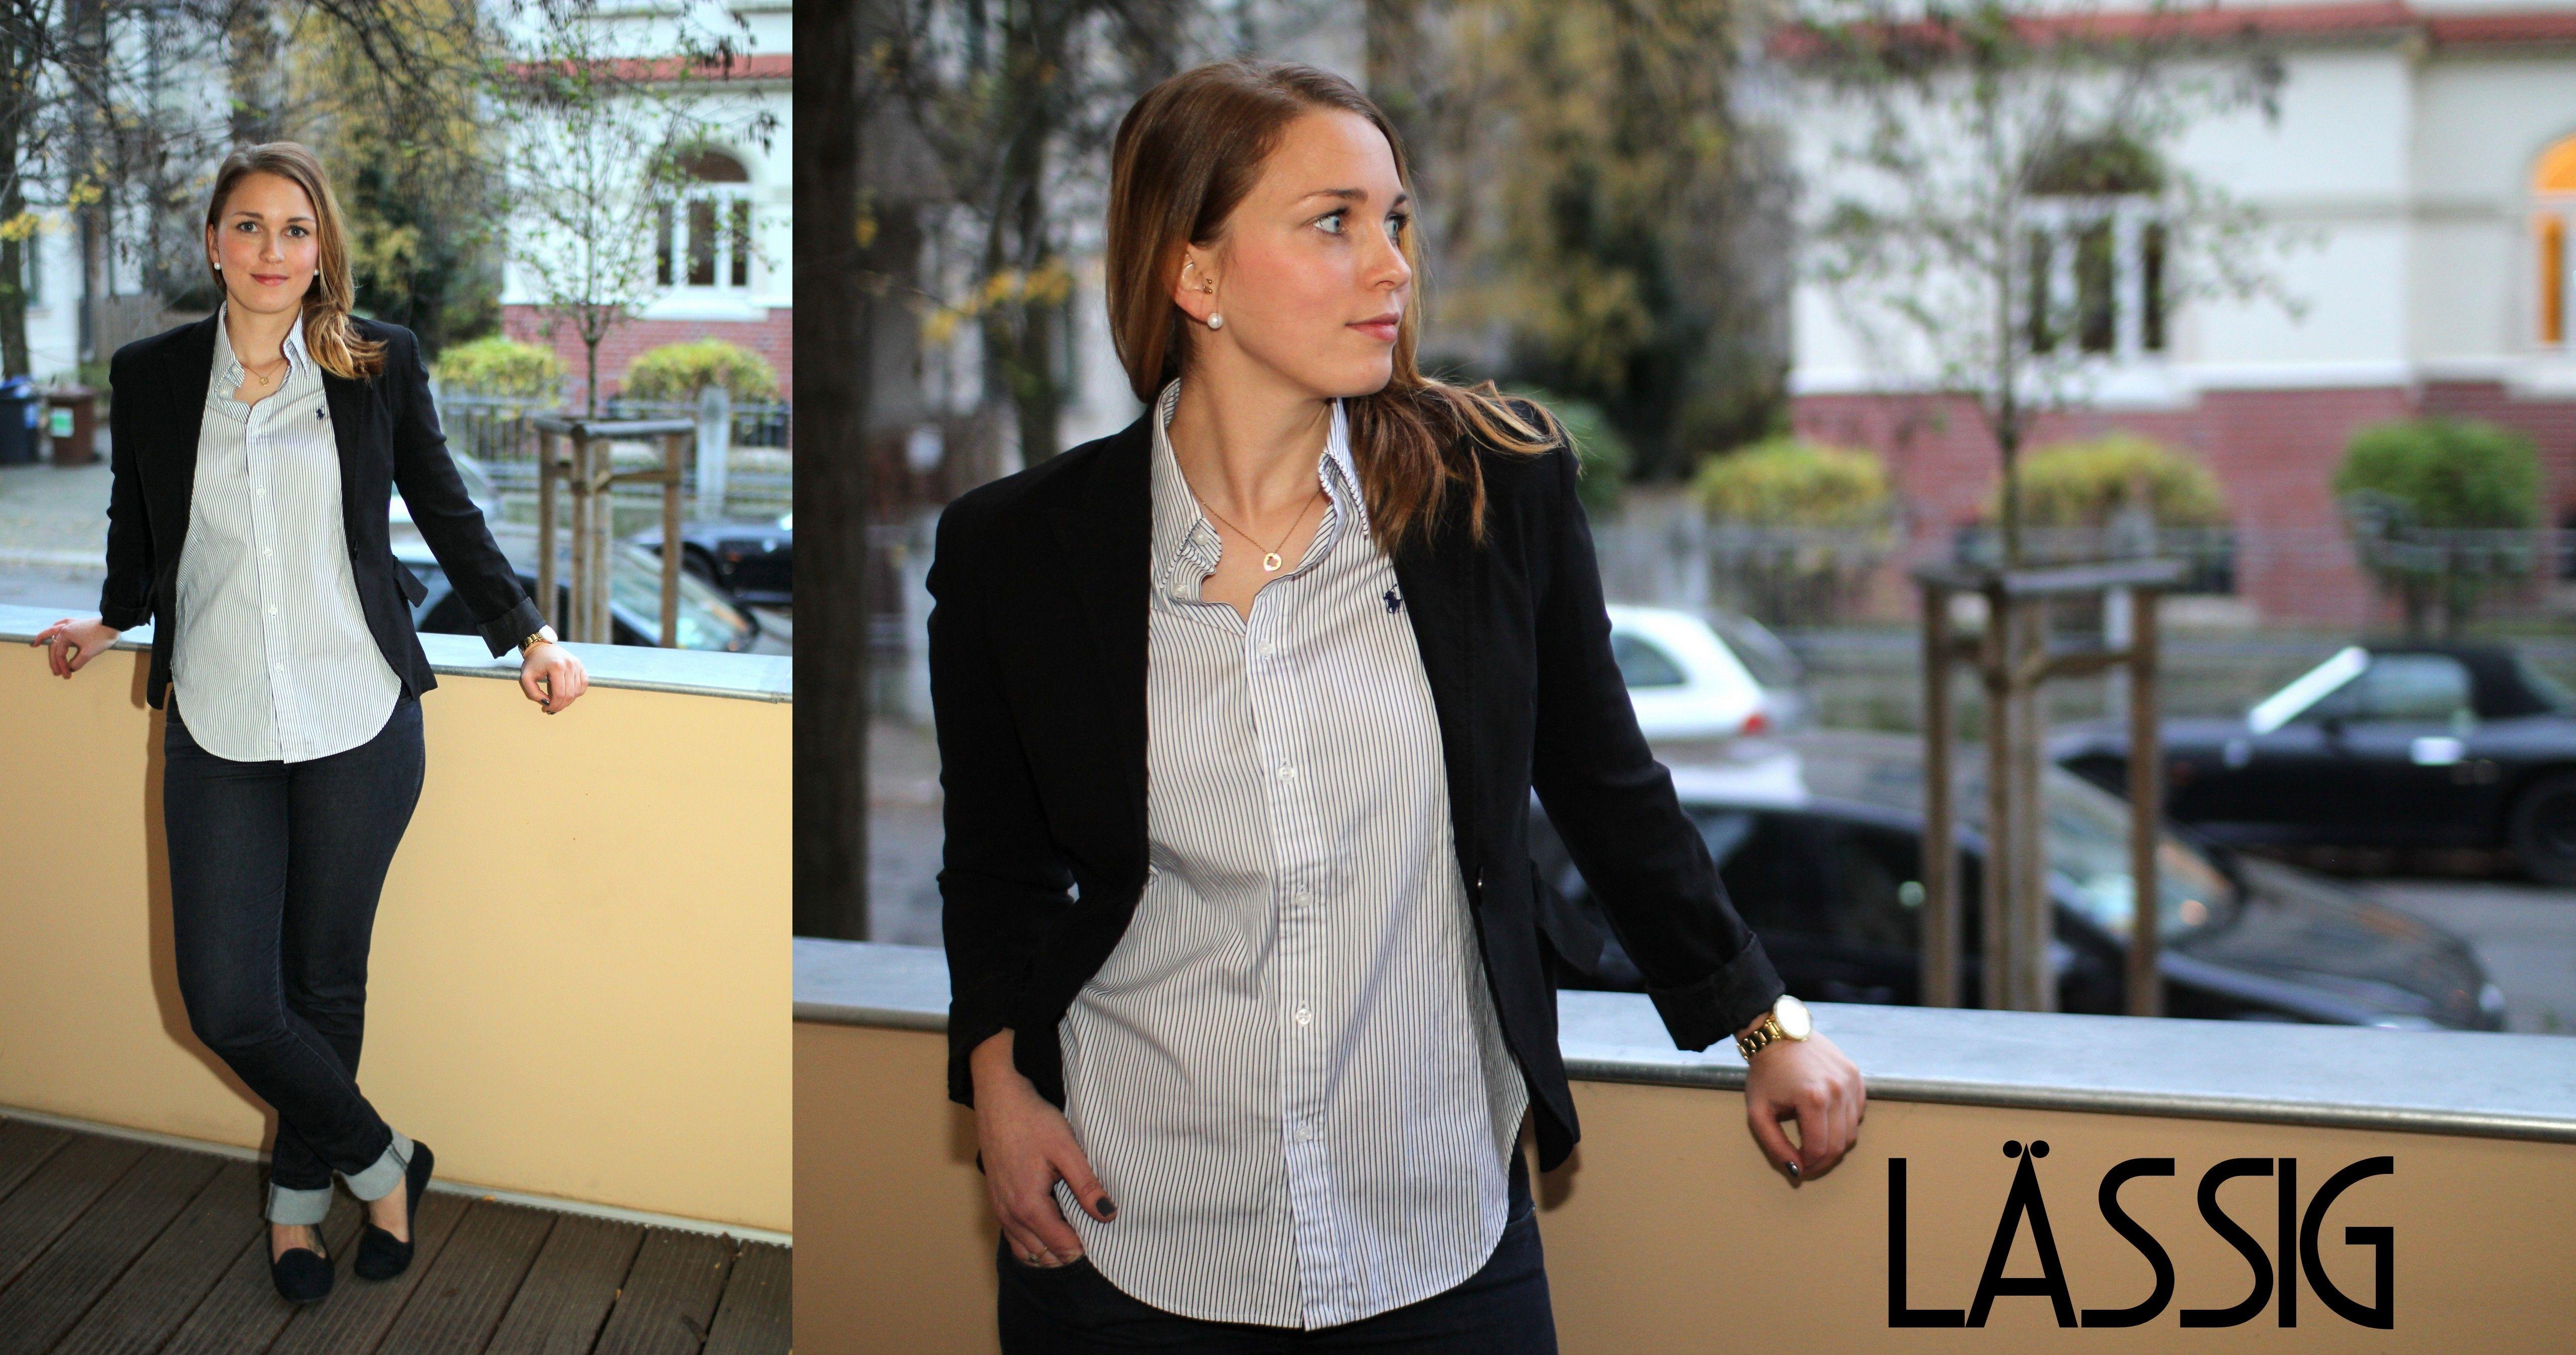 outlet store sale 1c634 c55ed Das richtige Outfit für Euer Vorstellungsgespräch | Karriere ...